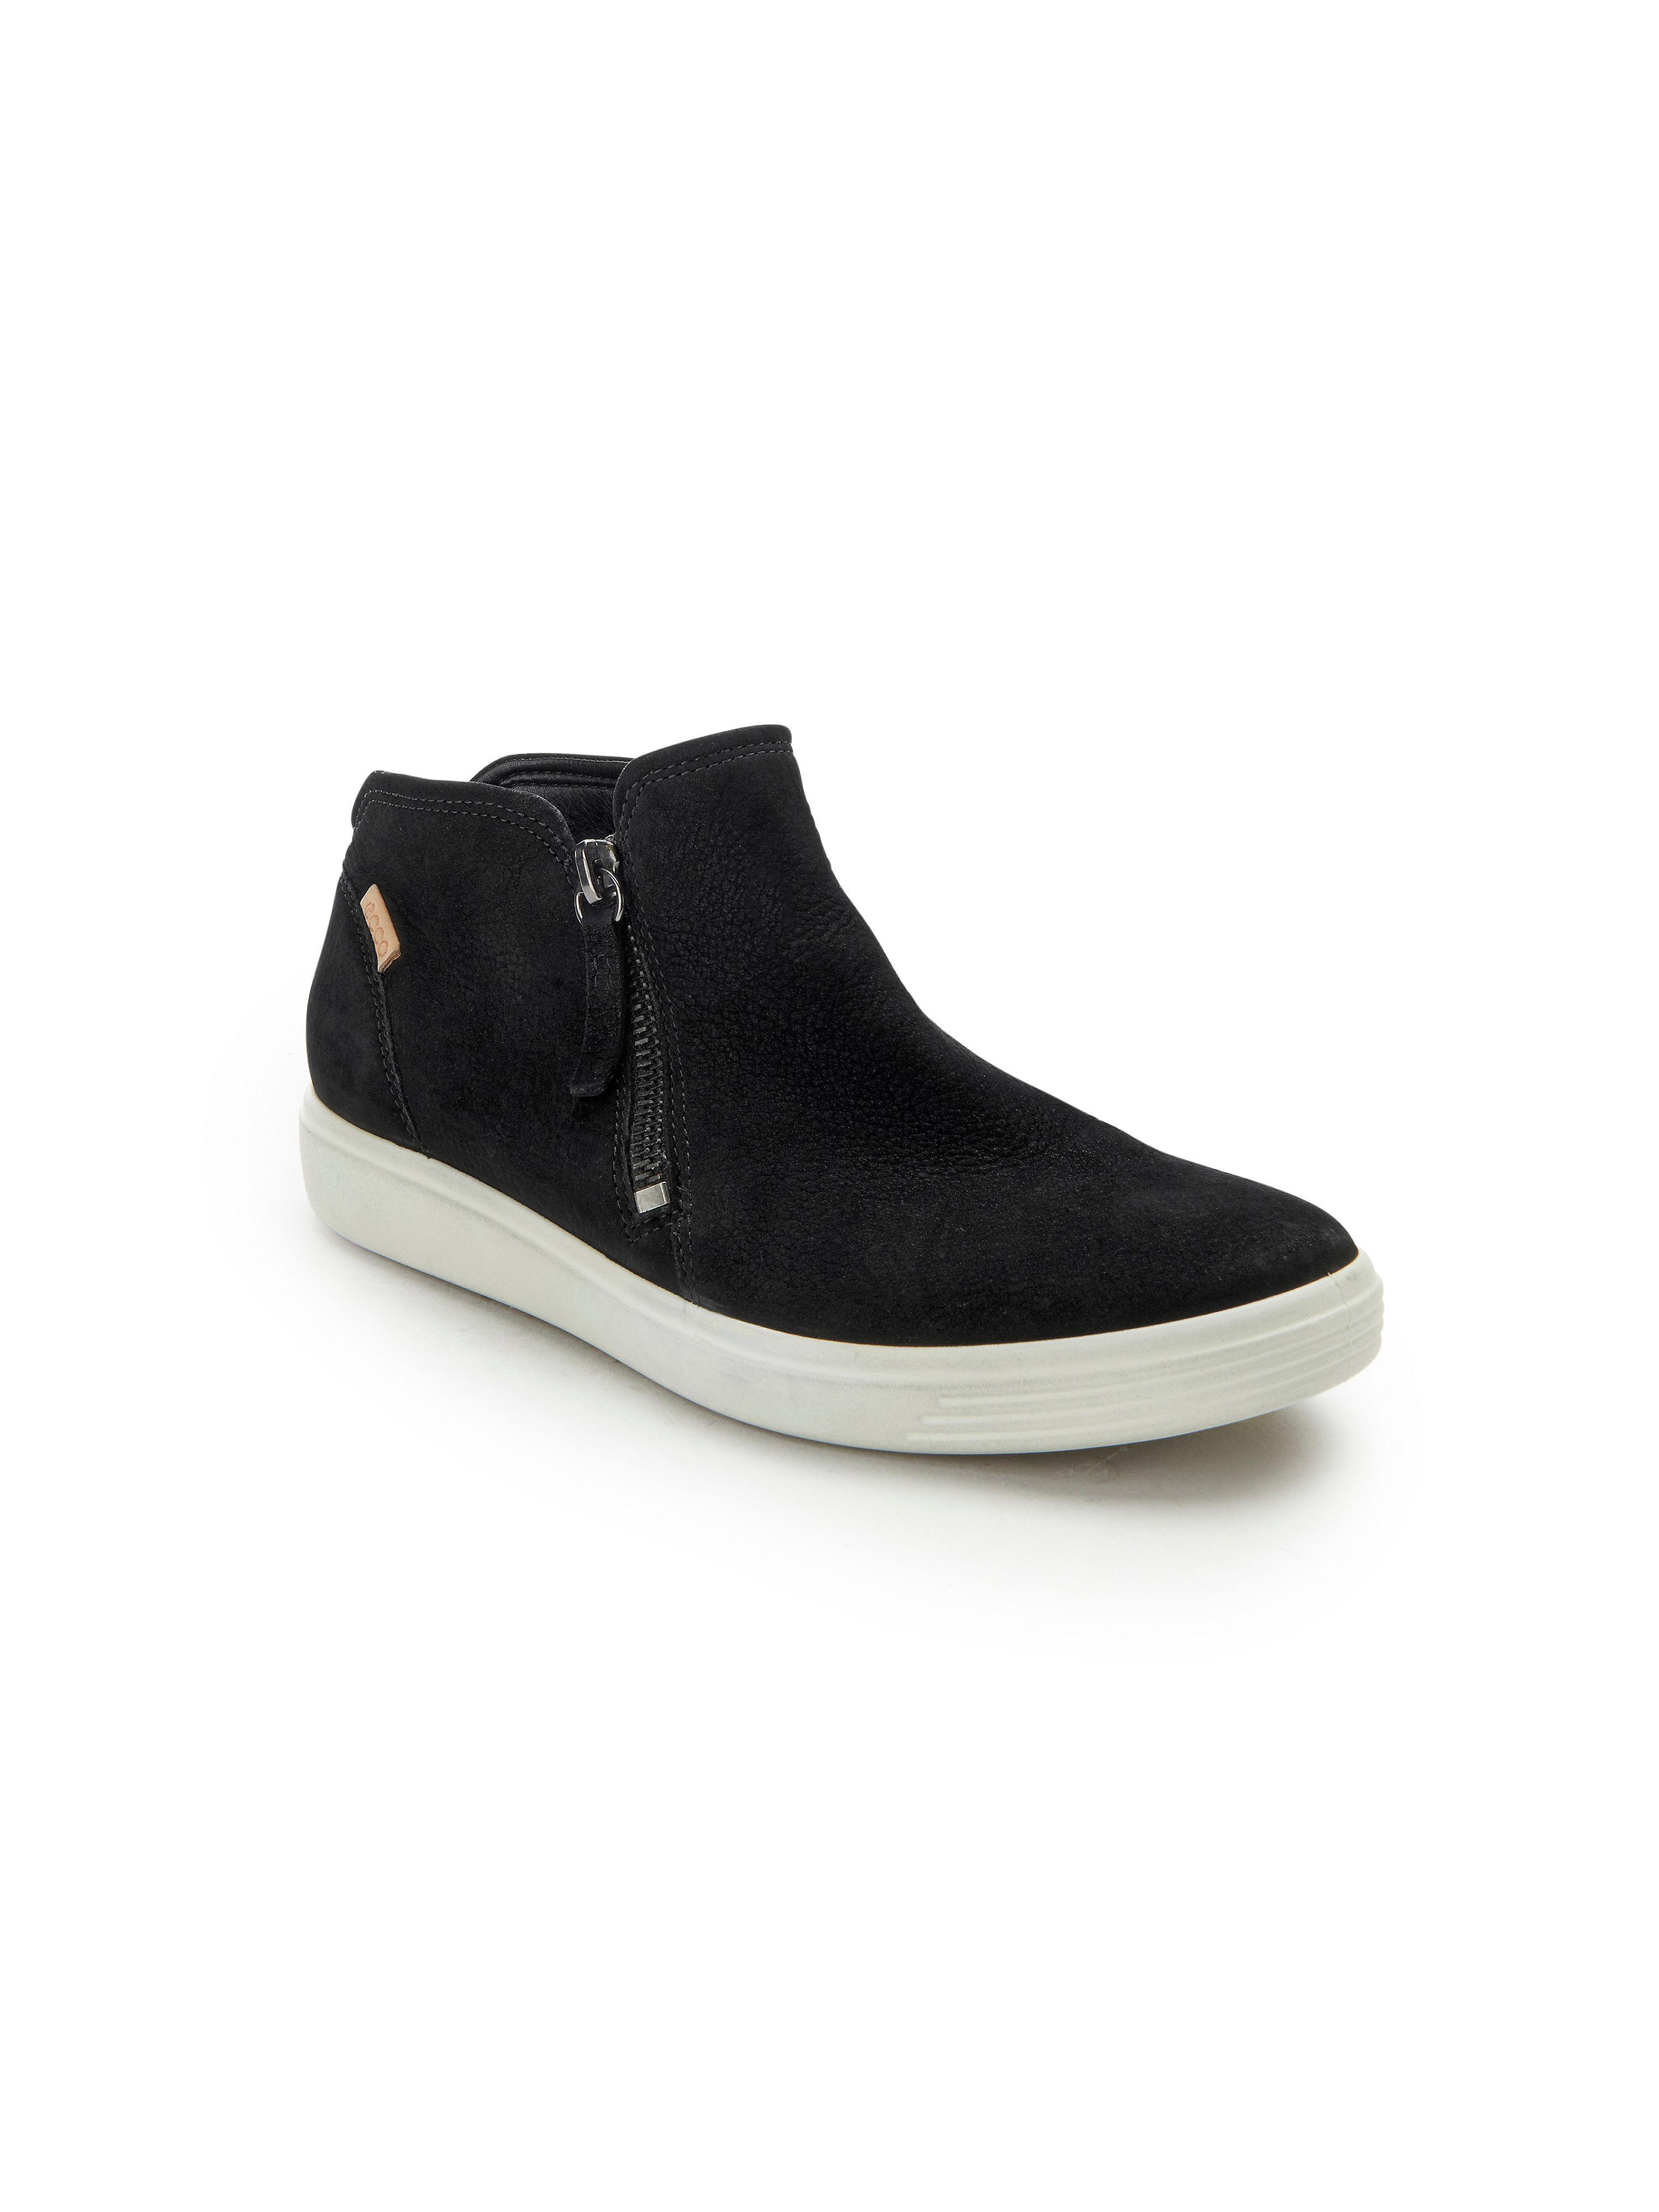 Ecco - Stiefelette Soft 7 aus 100% Leder - Schwarz Gute Qualität beliebte Schuhe